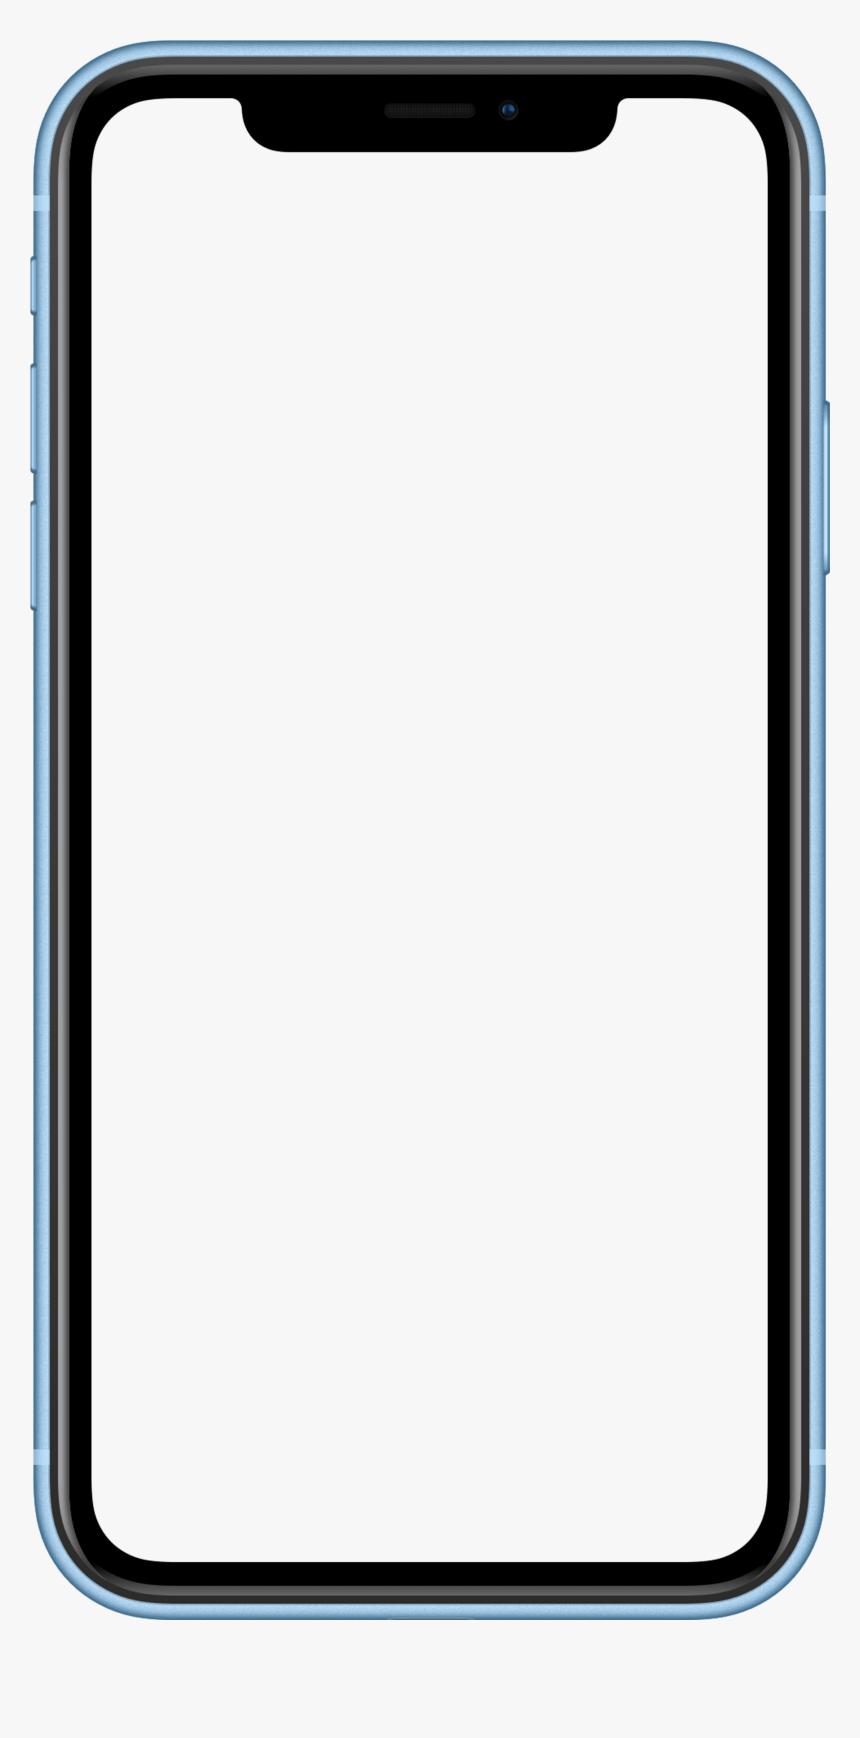 Mobile Png Clipart Png Download Transparent Iphone X Frame Png Download Is Free Transparent Png Imag Black Aesthetic Wallpaper Png Images Framed Wallpaper